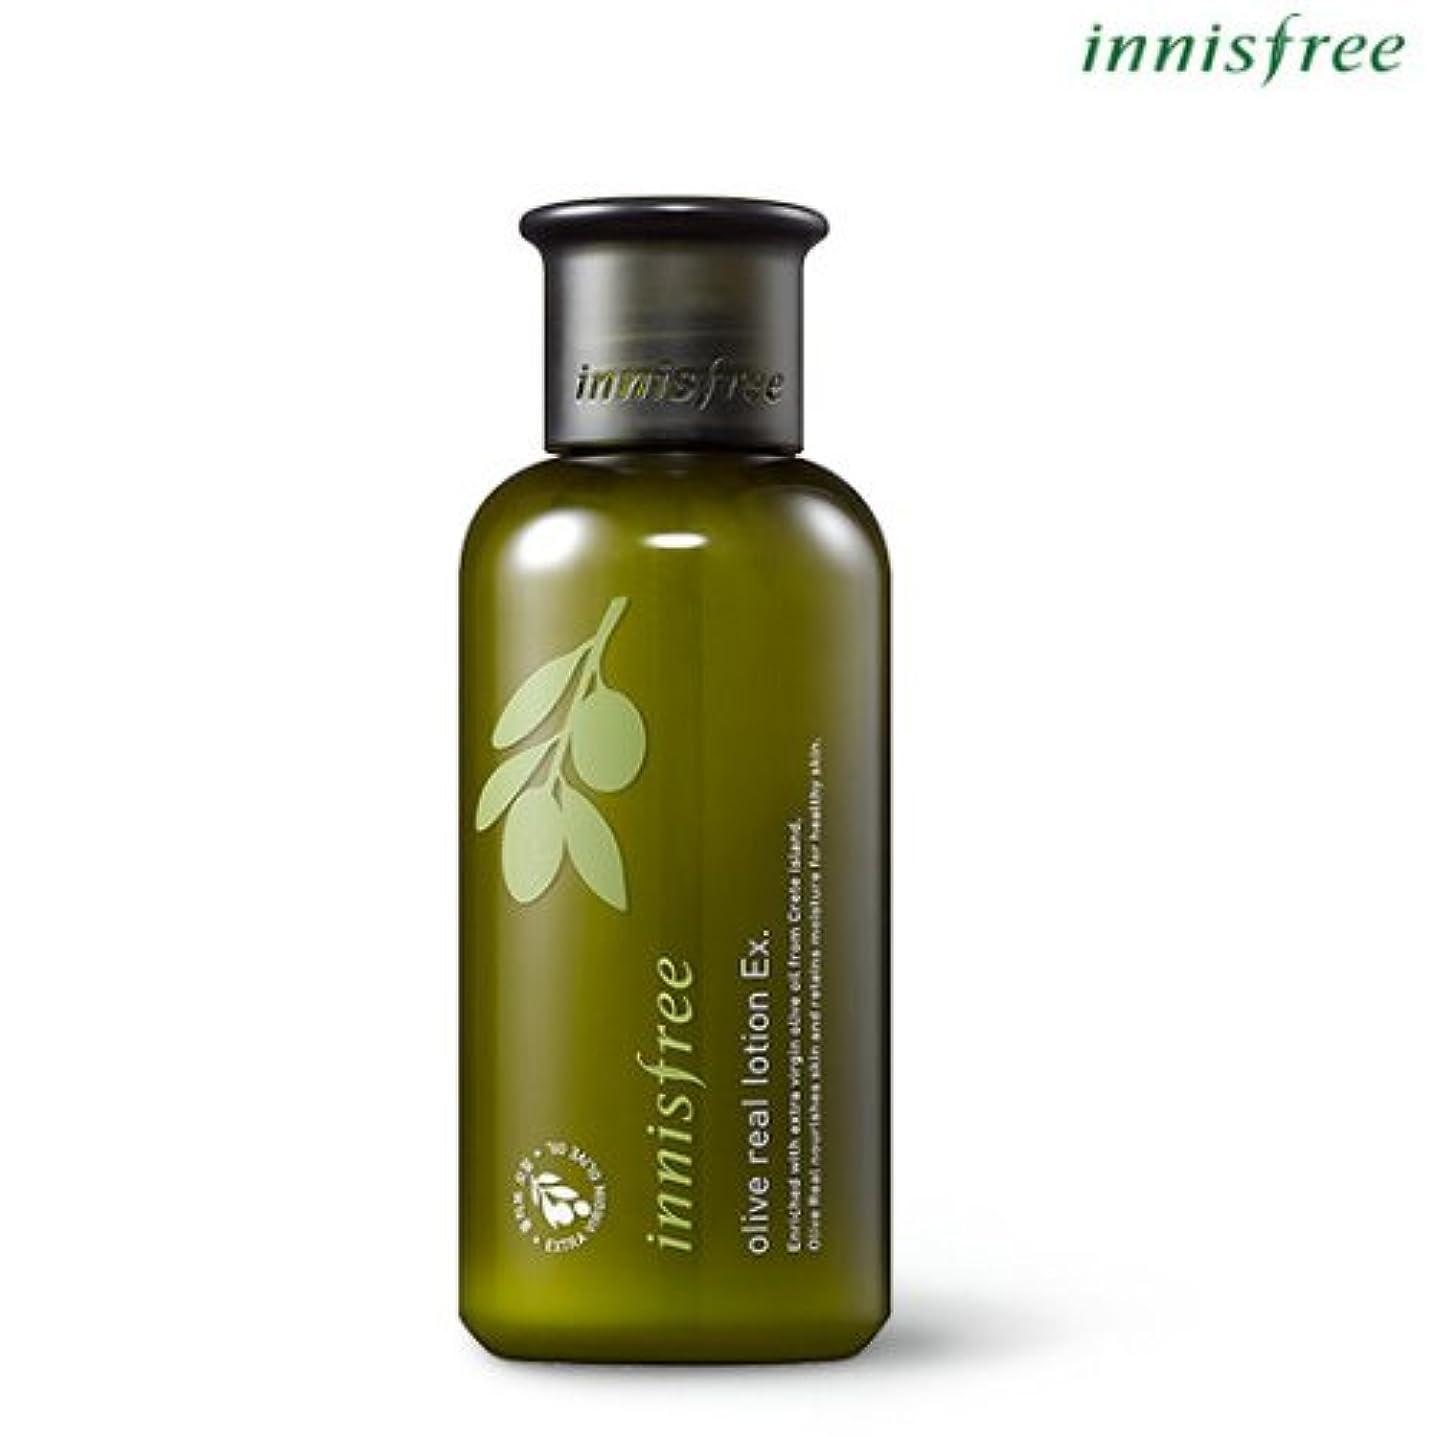 ワイプパンサーナインへ[INNISFREE]イニスフリーオリーブリアルローションEx.160ml olive real lotion Ex.160ml [並行輸入品]